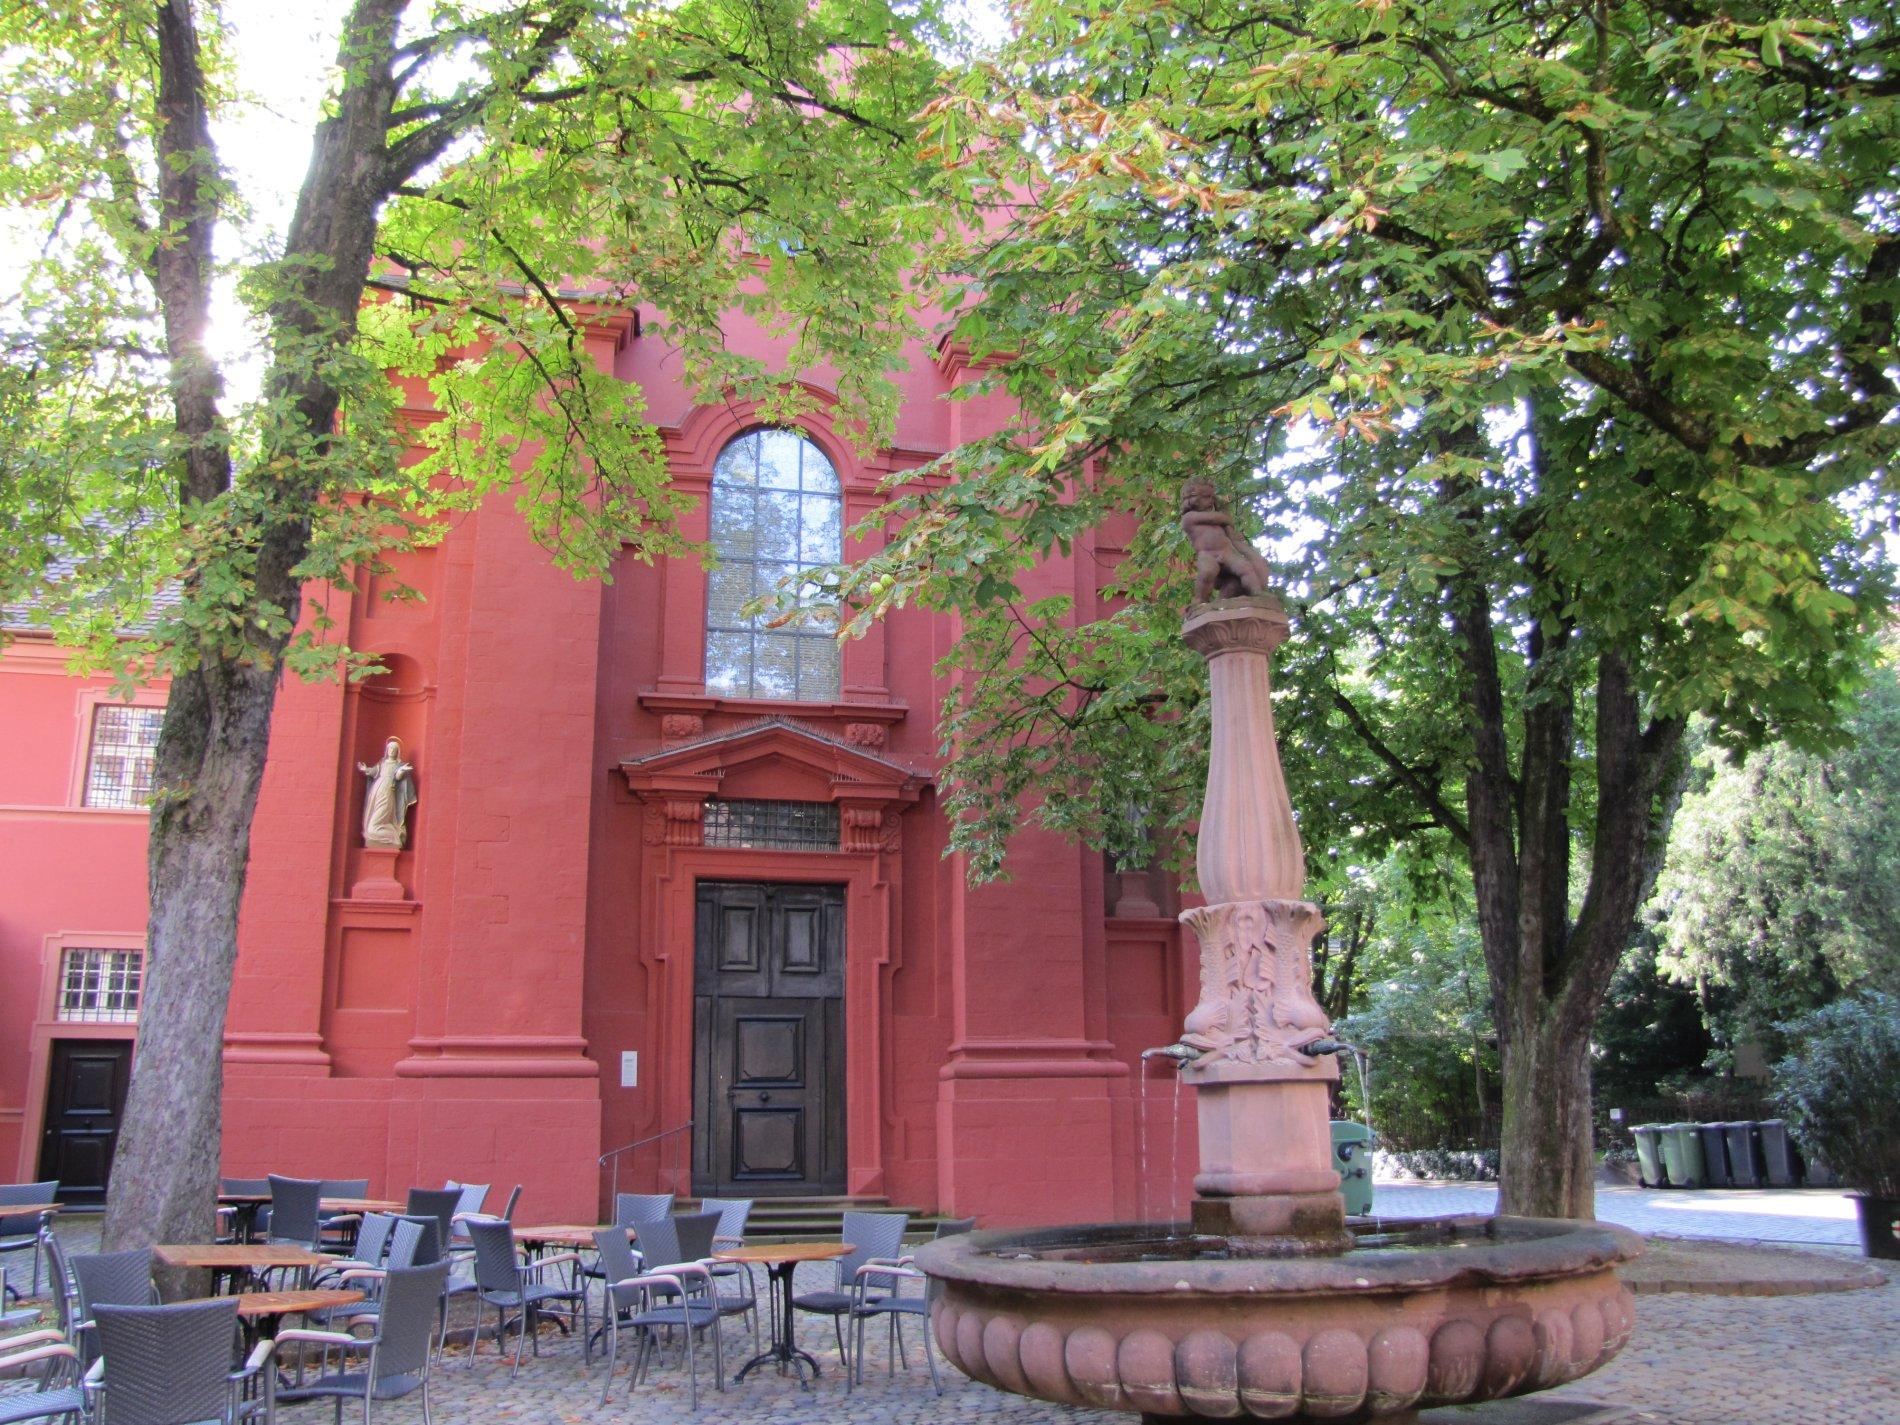 Adelhauser Neukloster